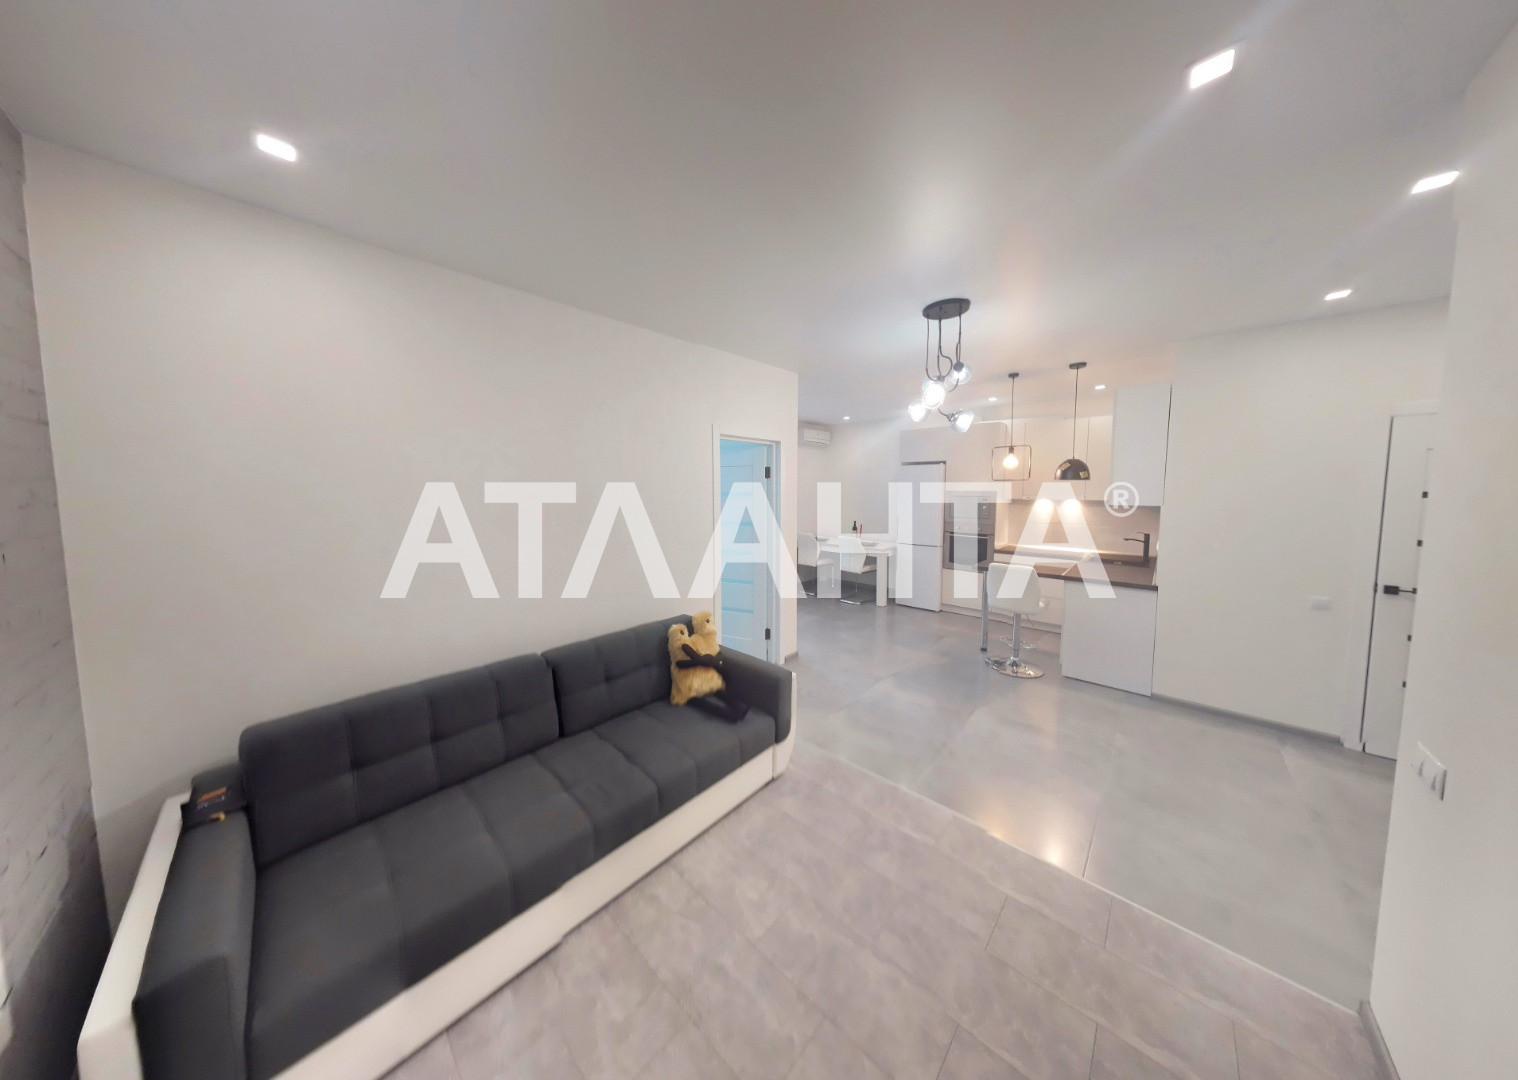 Продается 2-комнатная Квартира на ул. Теремковская — 85 000 у.е. (фото №9)